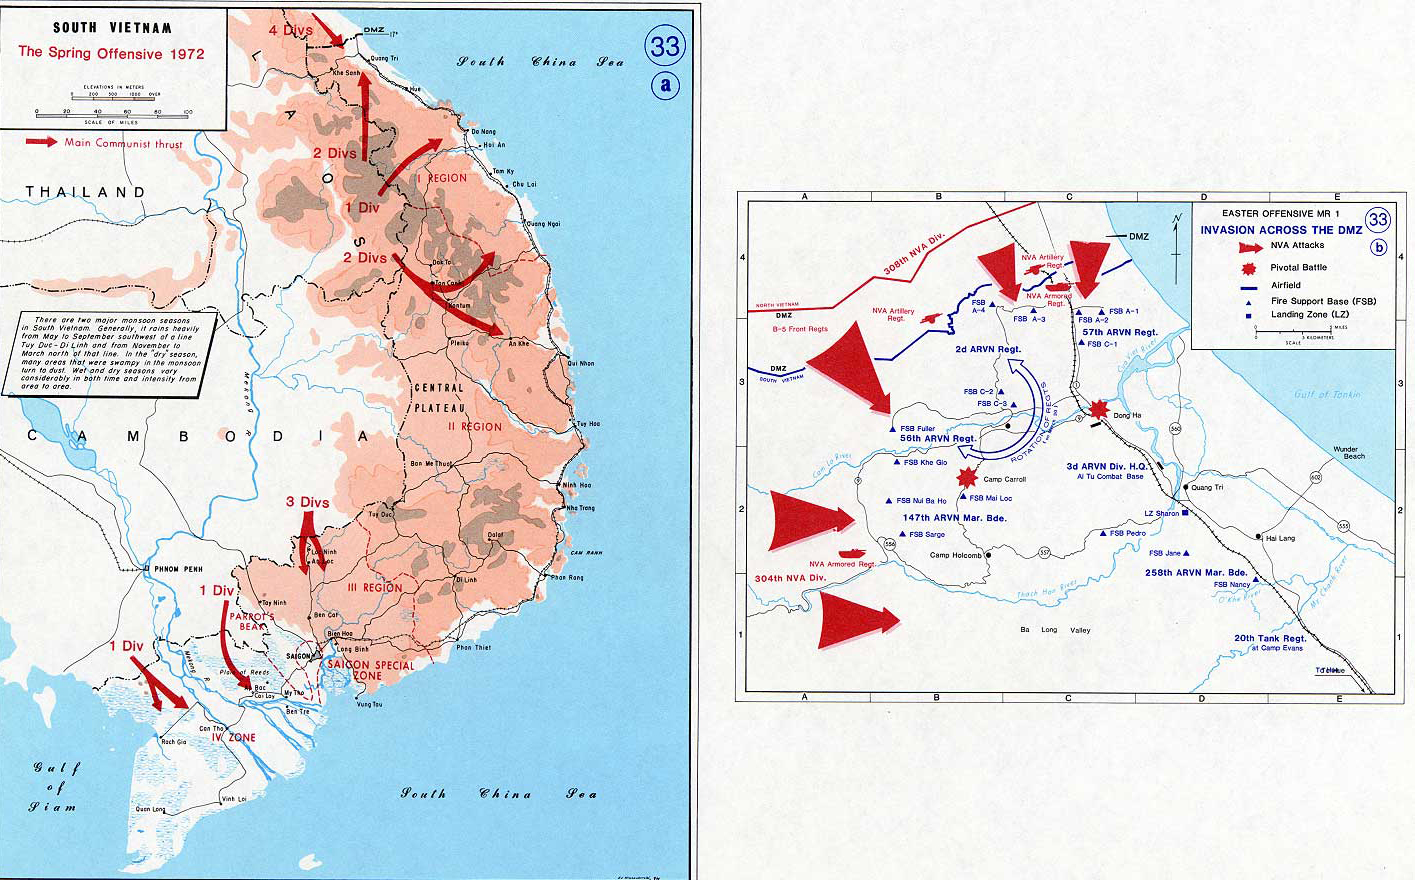 Map of the Vietnam War 1972